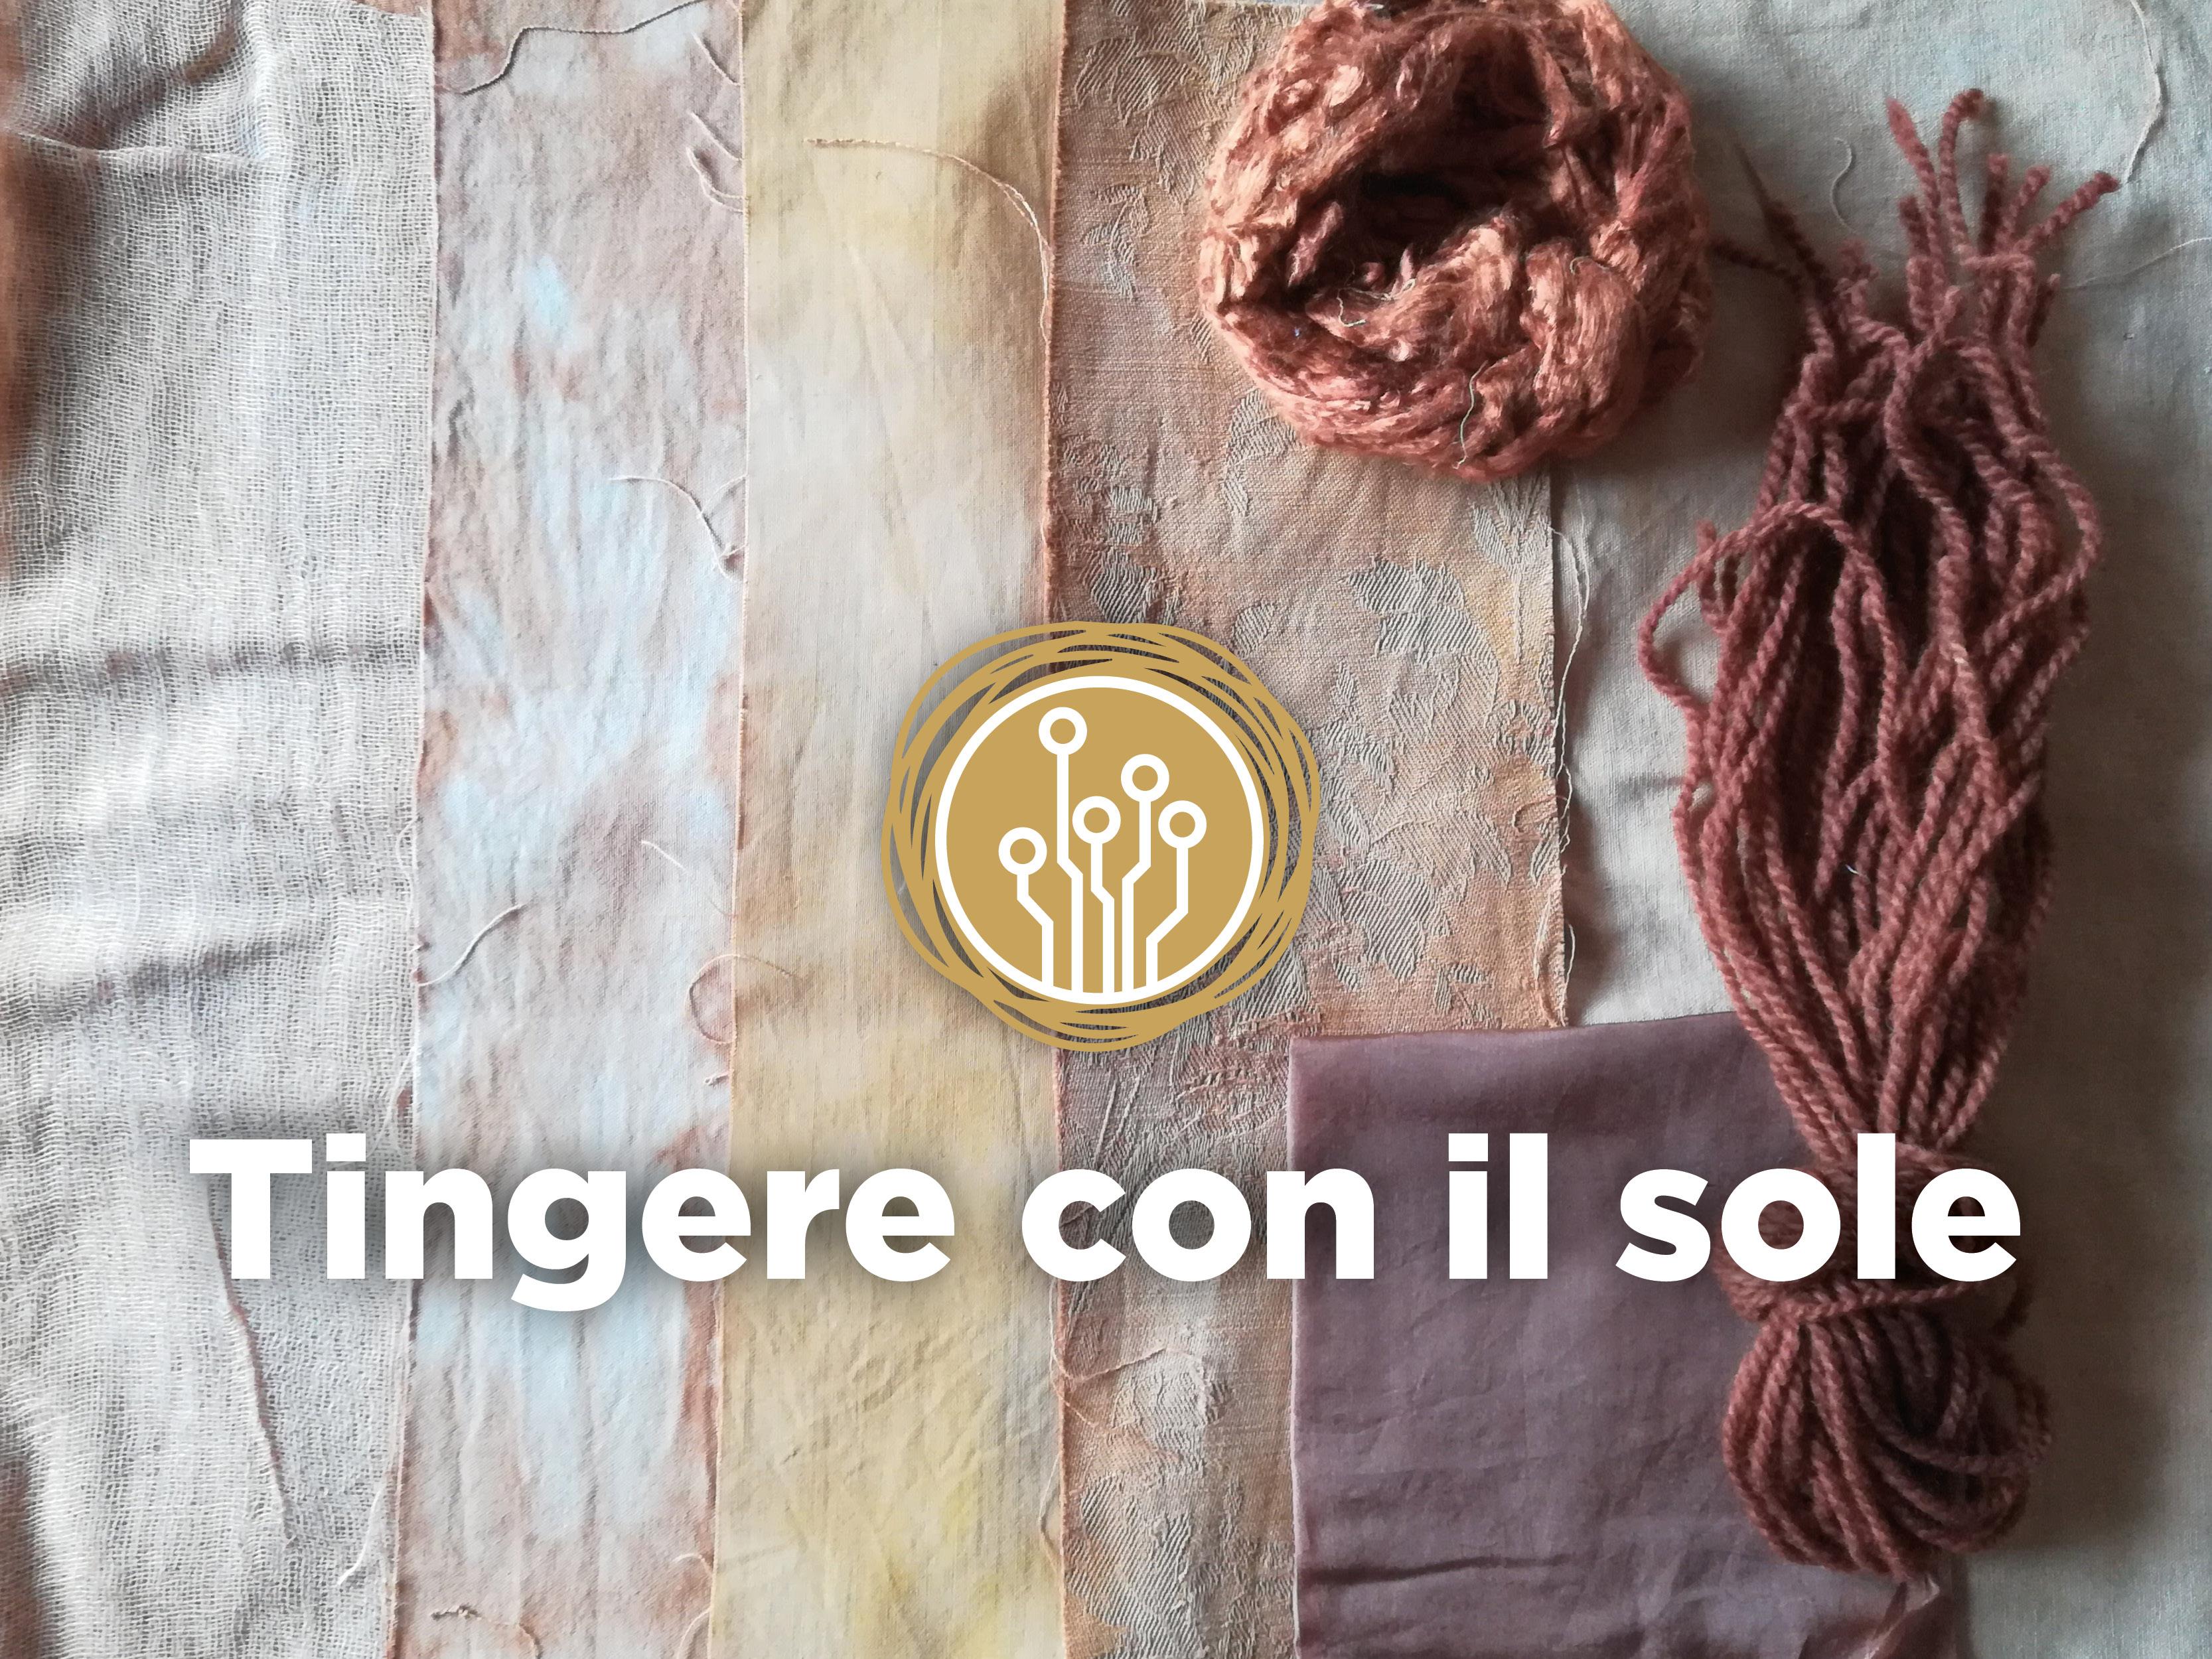 Tingere con il sole: alchimia senza dispendio di energia 17 e 31 Maggio (venerdì) a Udine - COMPLETO